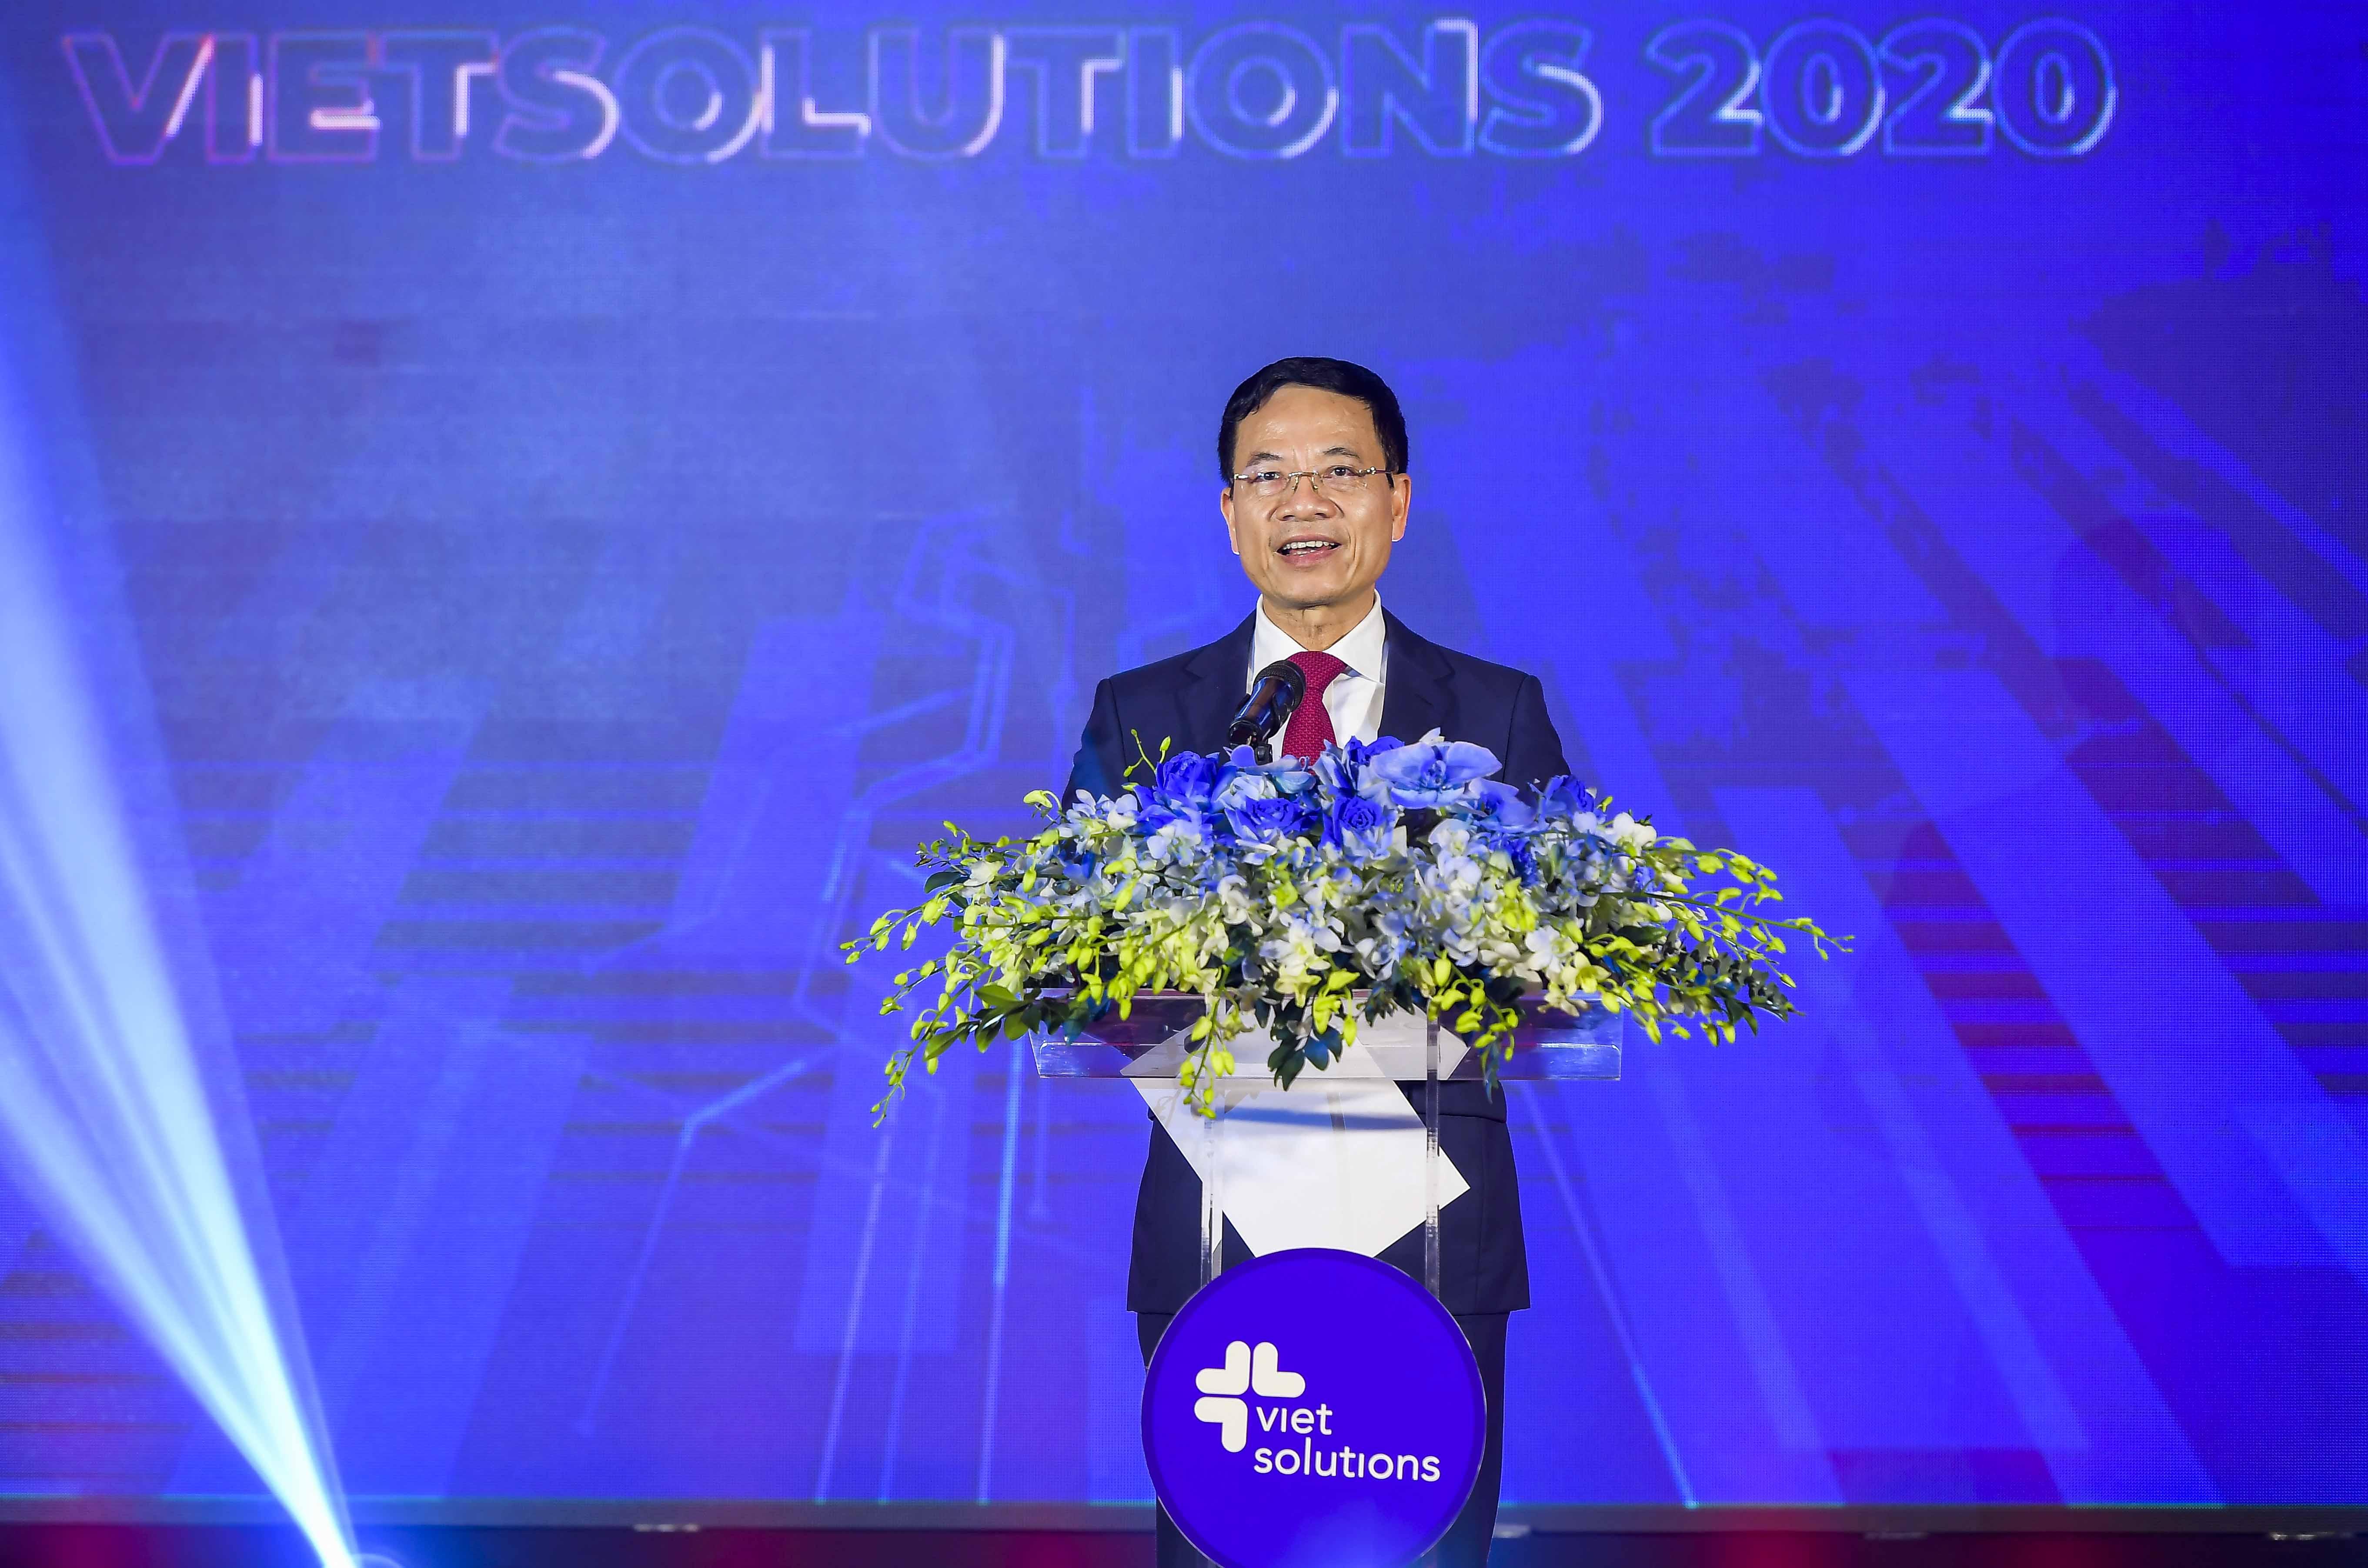 Bộ trưởng Bộ TT&TT Nguyễn Mạnh Hùng phát biểu tại Lễ trao giải